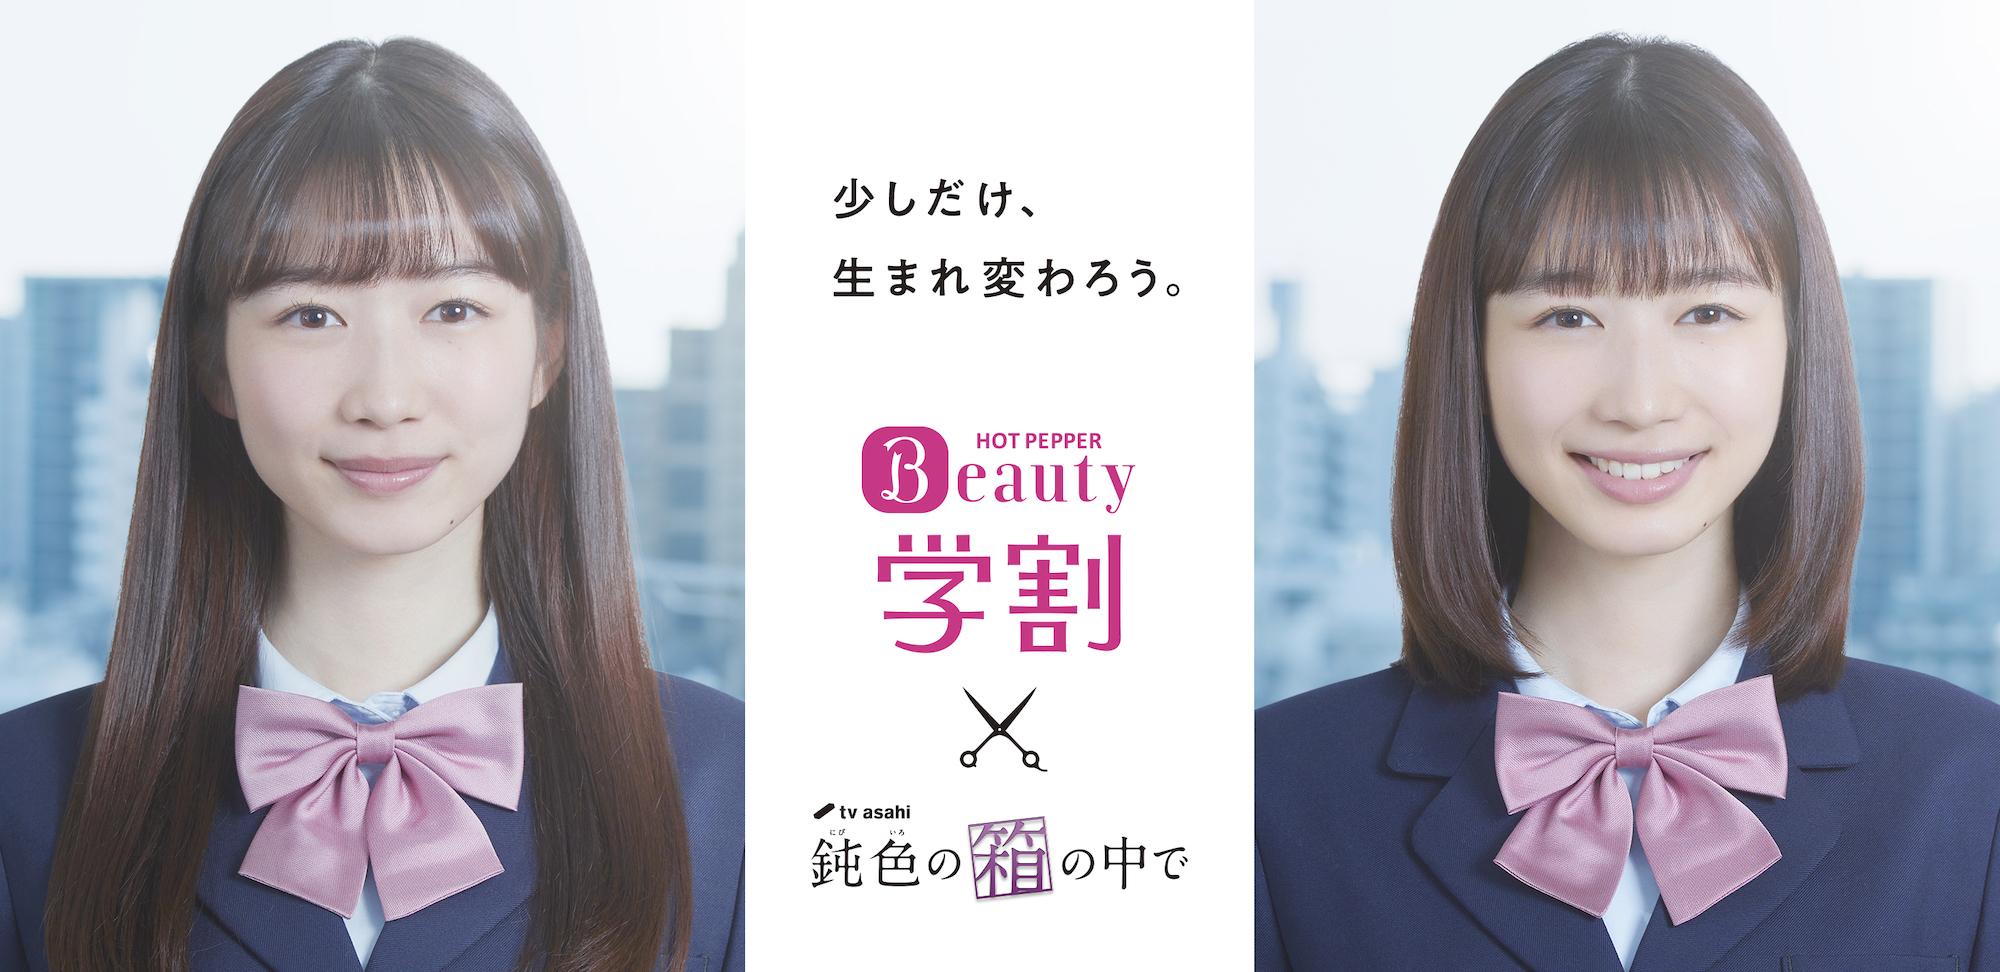 岡本夏美、髪を30センチ以上バッサリとカットした姿を初公開!【ホットペッパービューティーとTVドラマ「鈍色の箱の中で」のコラボCM】